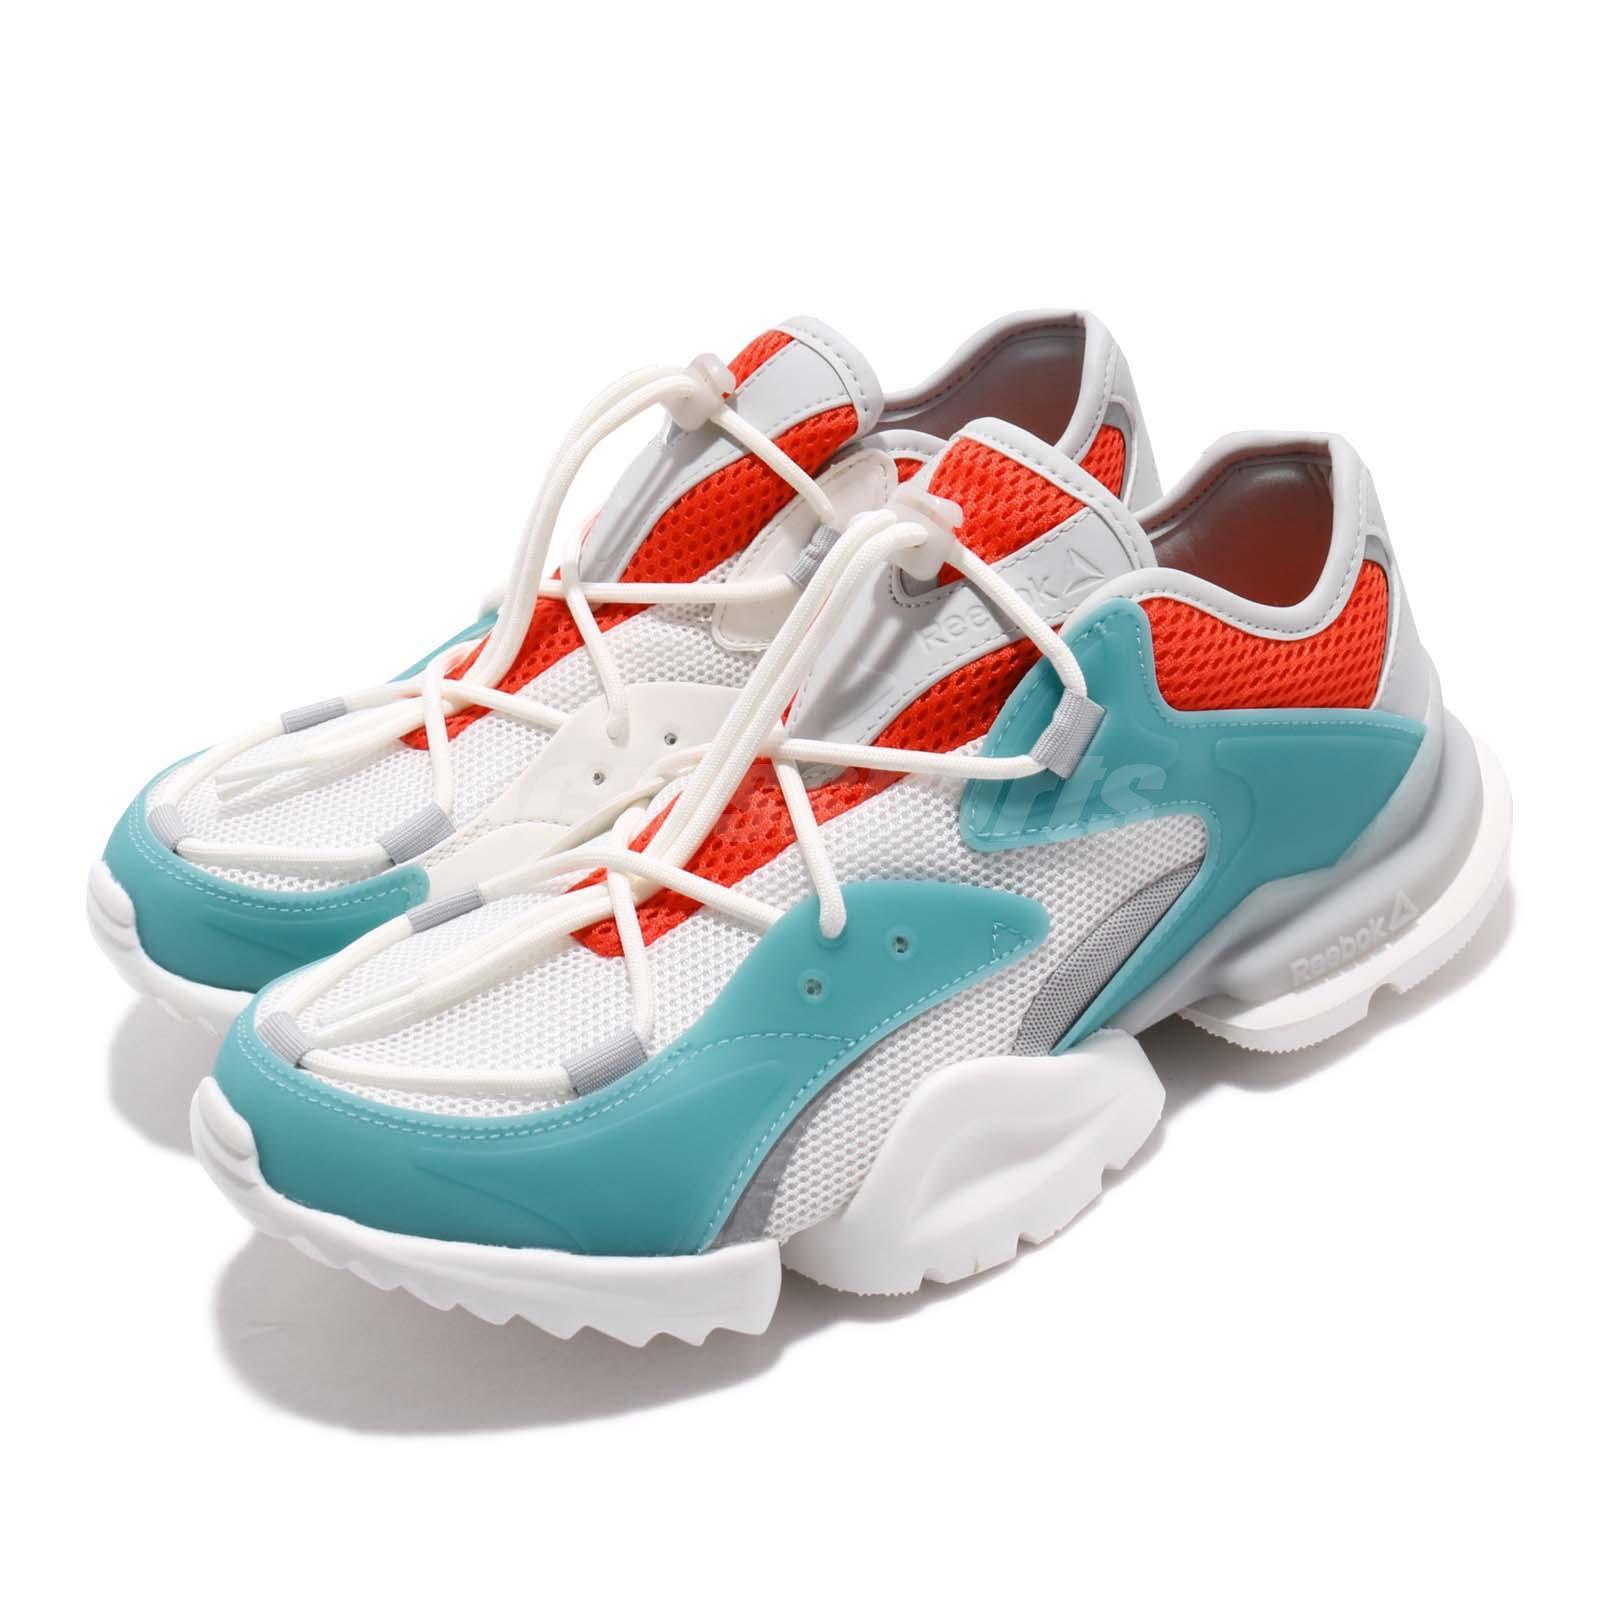 Reebok Run/_R 96 TPU Men Women Running Daddy Shoes Sneakers Pick 1